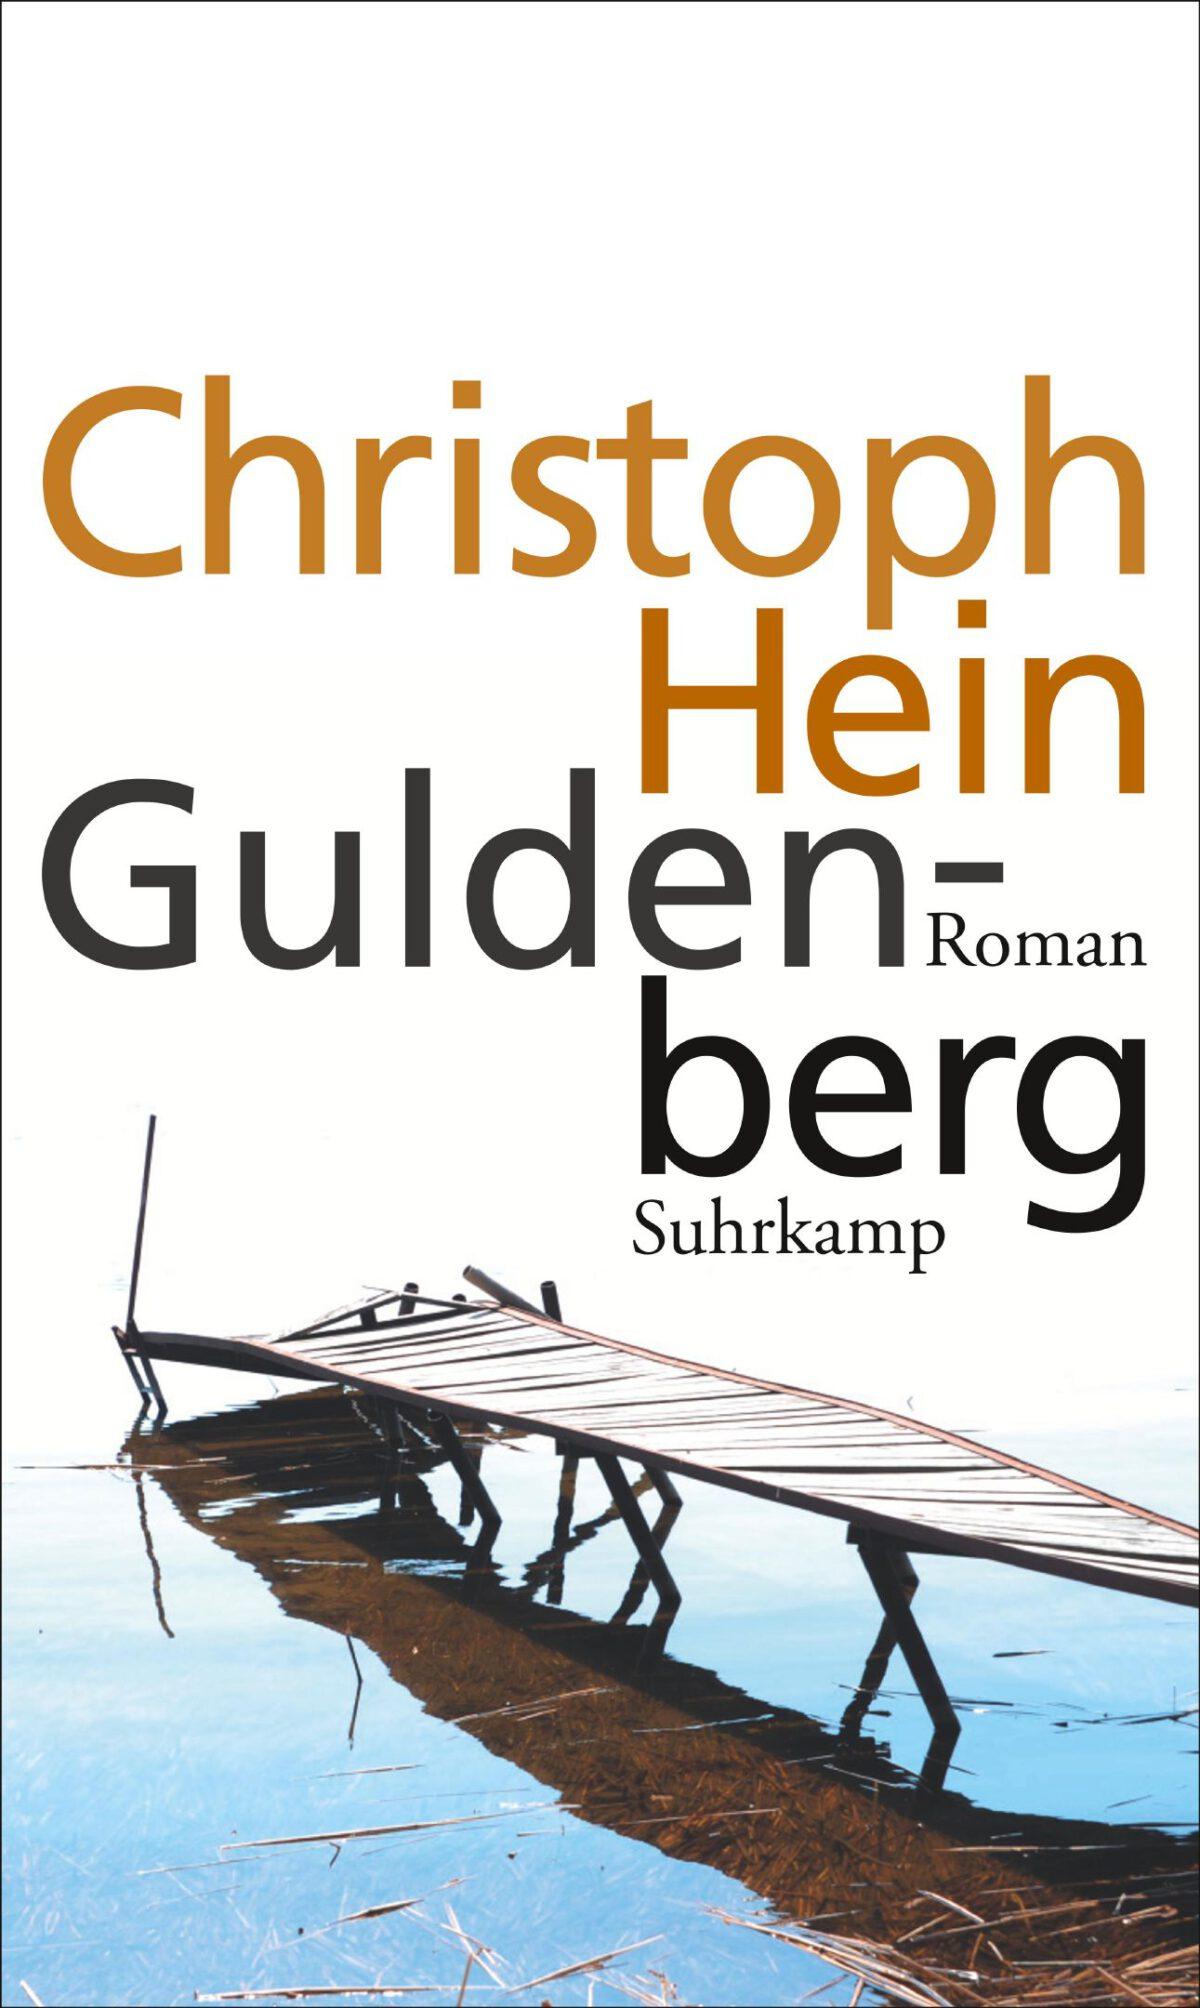 christoph hein guldenberg literaturfest meißen